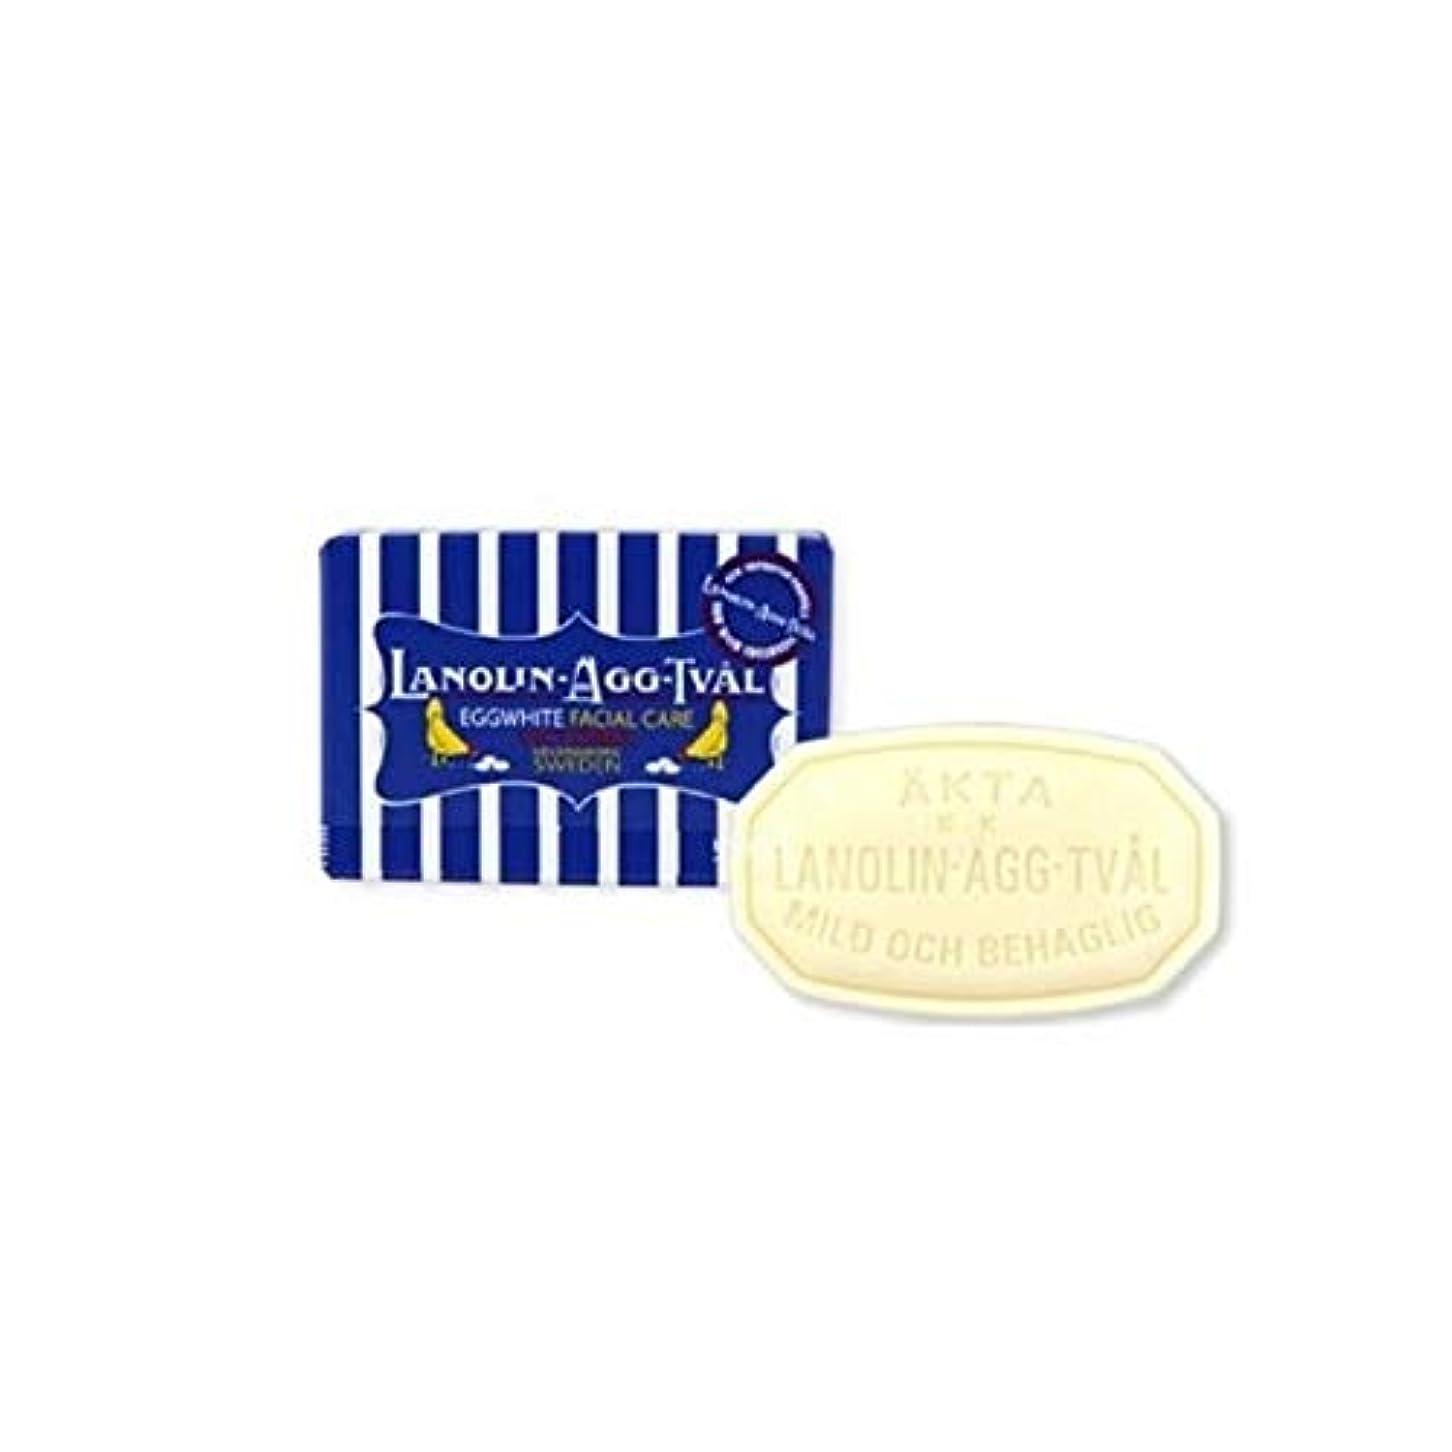 リビジョン信頼できる元に戻すヴィクトリア(Victoria) スウェーデン エッグ ホワイトソープ 50g×6個セット エッグパック[並行輸入品]